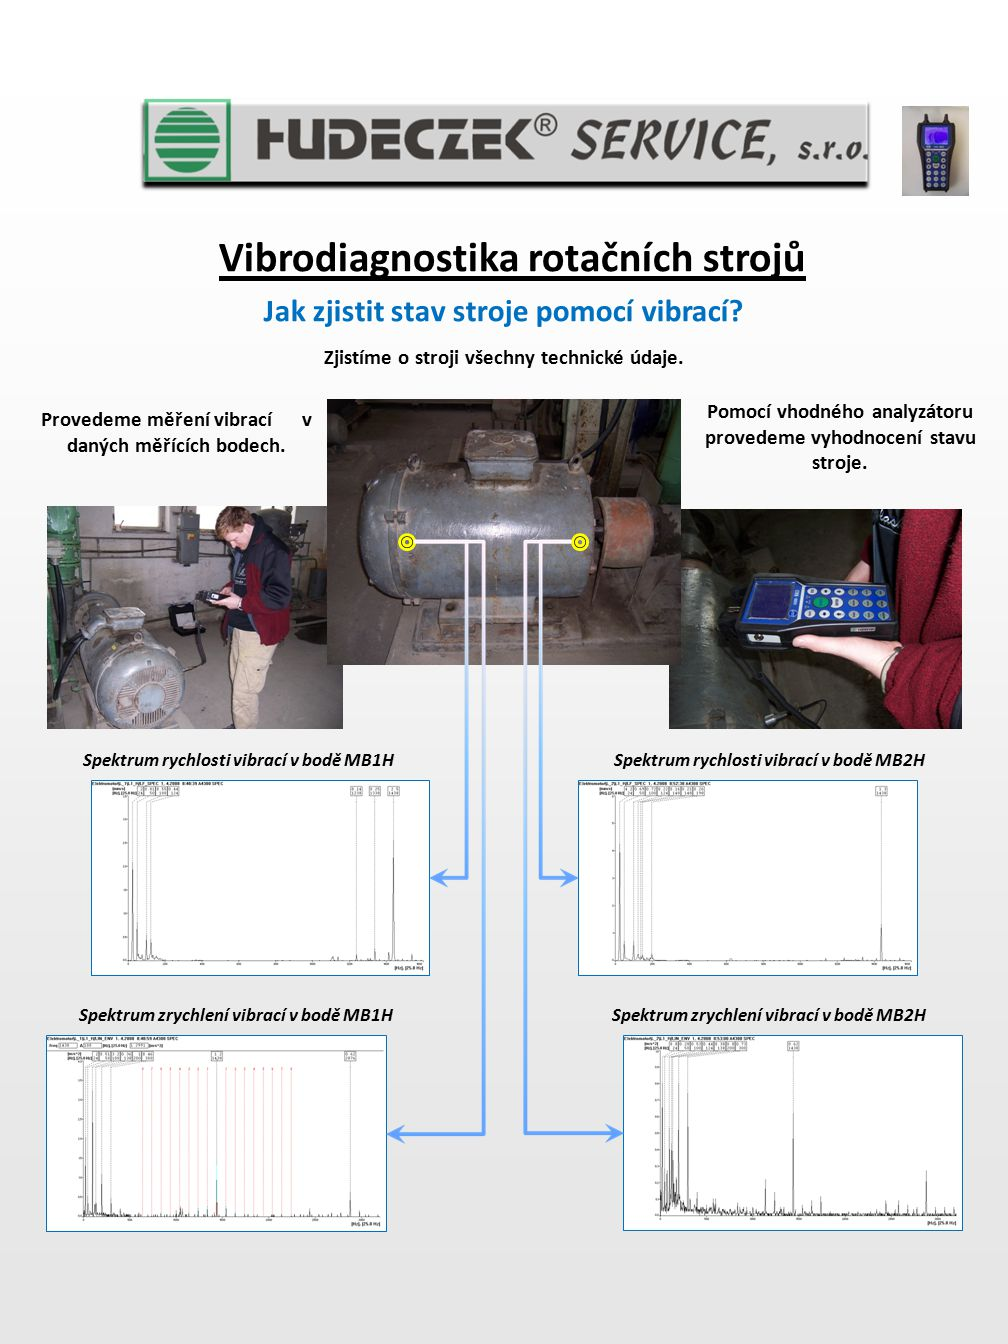 Vibrodiagnostika rotačních strojů